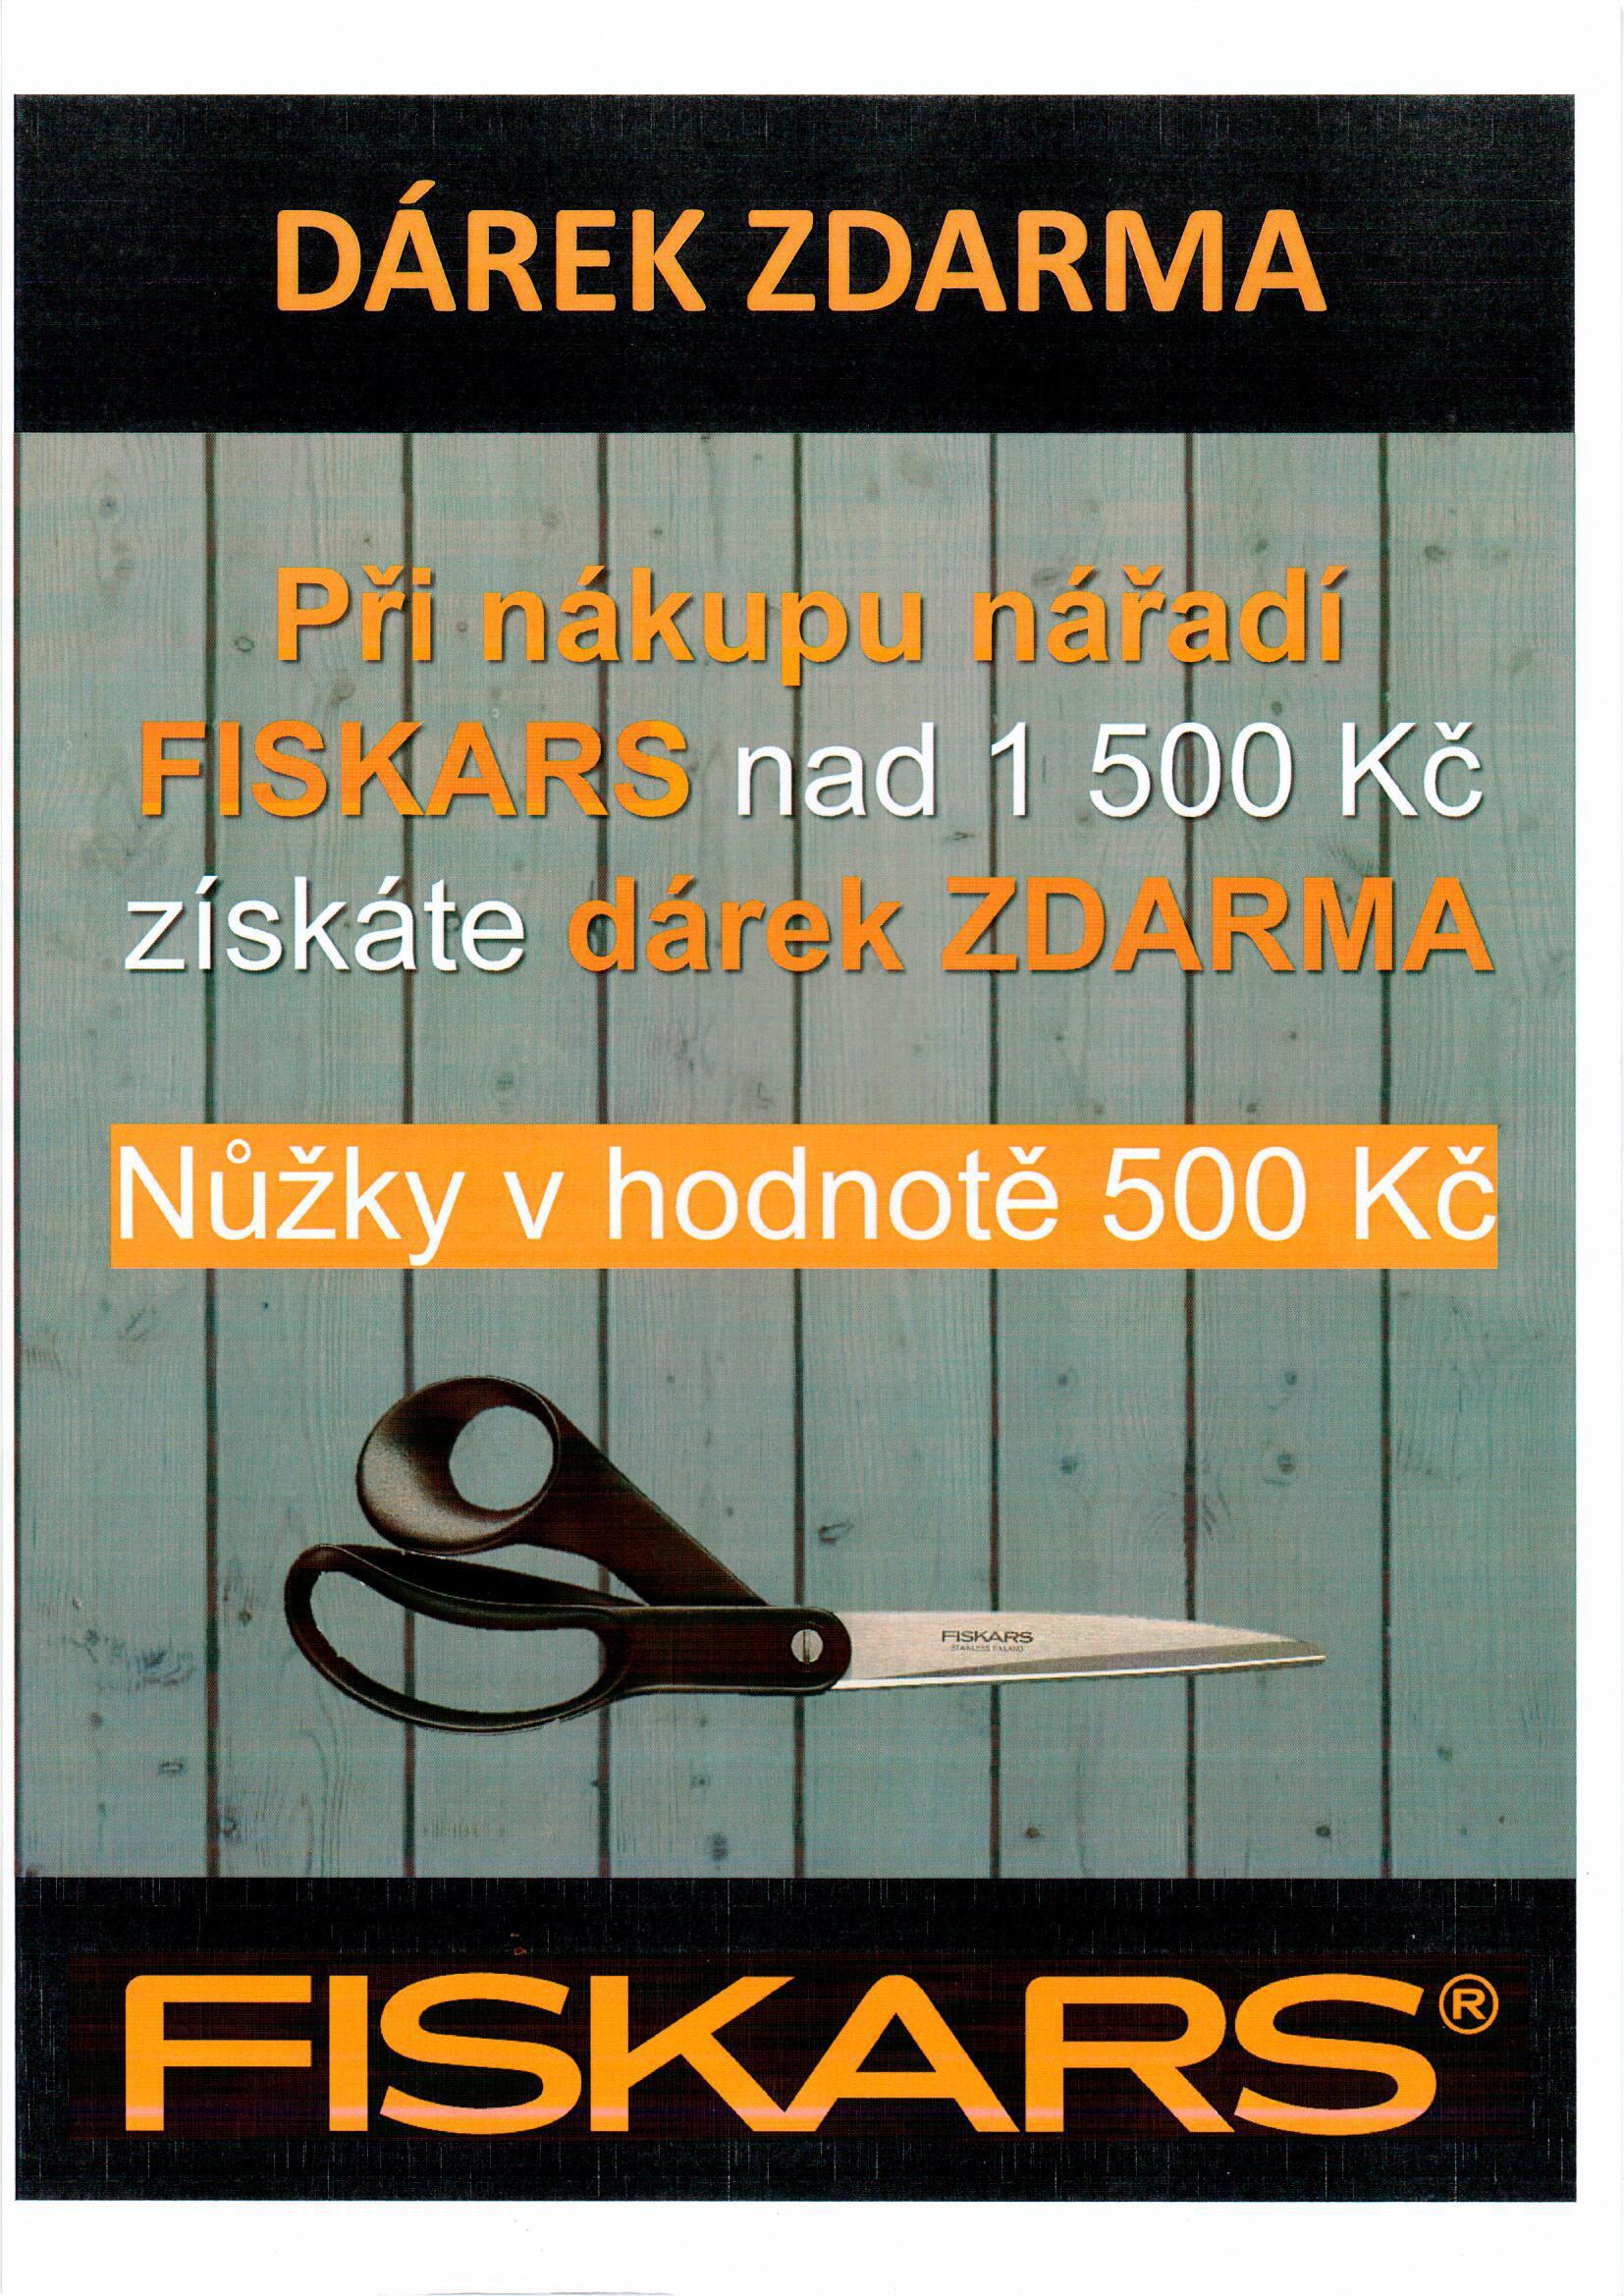 DÁREK v hodnotě 500 Kč k nákup nářadí FISKARS